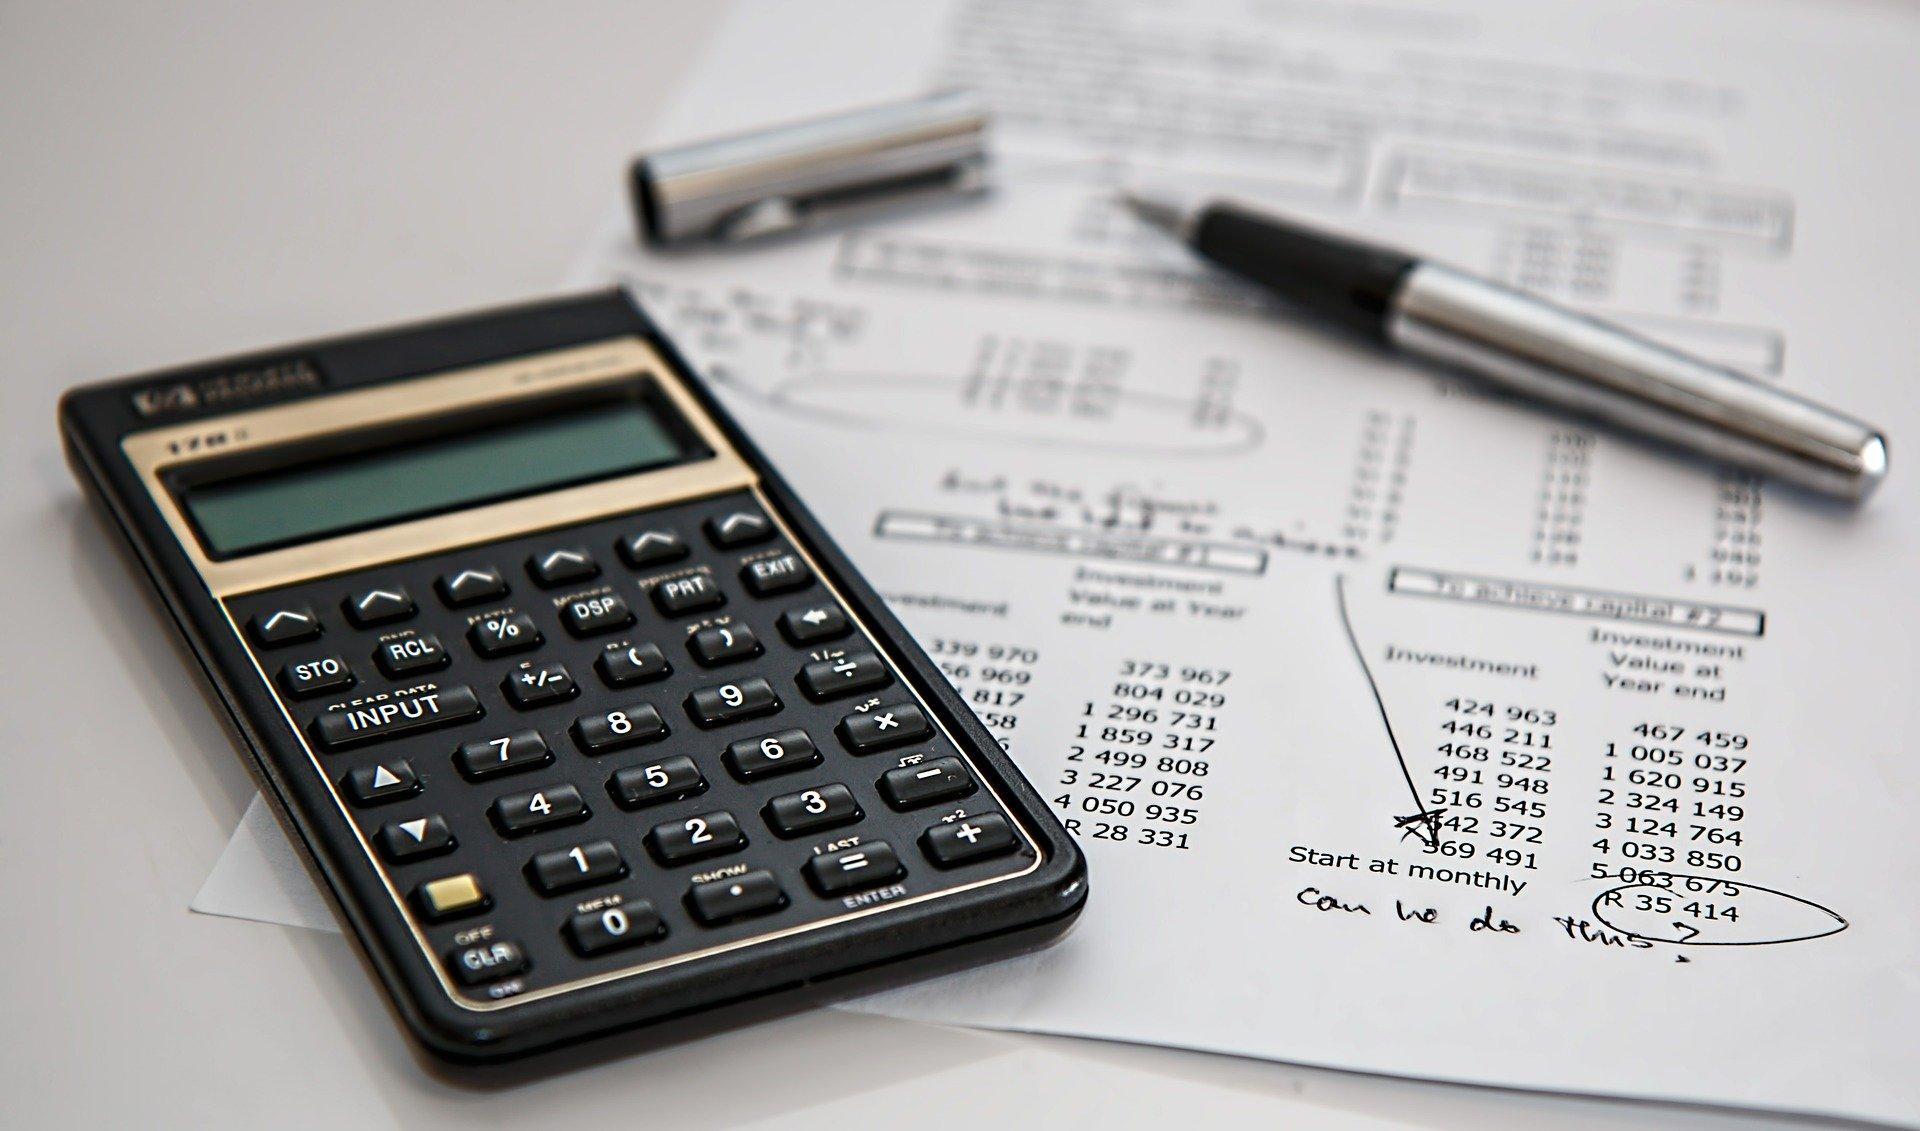 ¿Cómo se hace un análisis financiero de un proyecto? El método R+Cash Lab